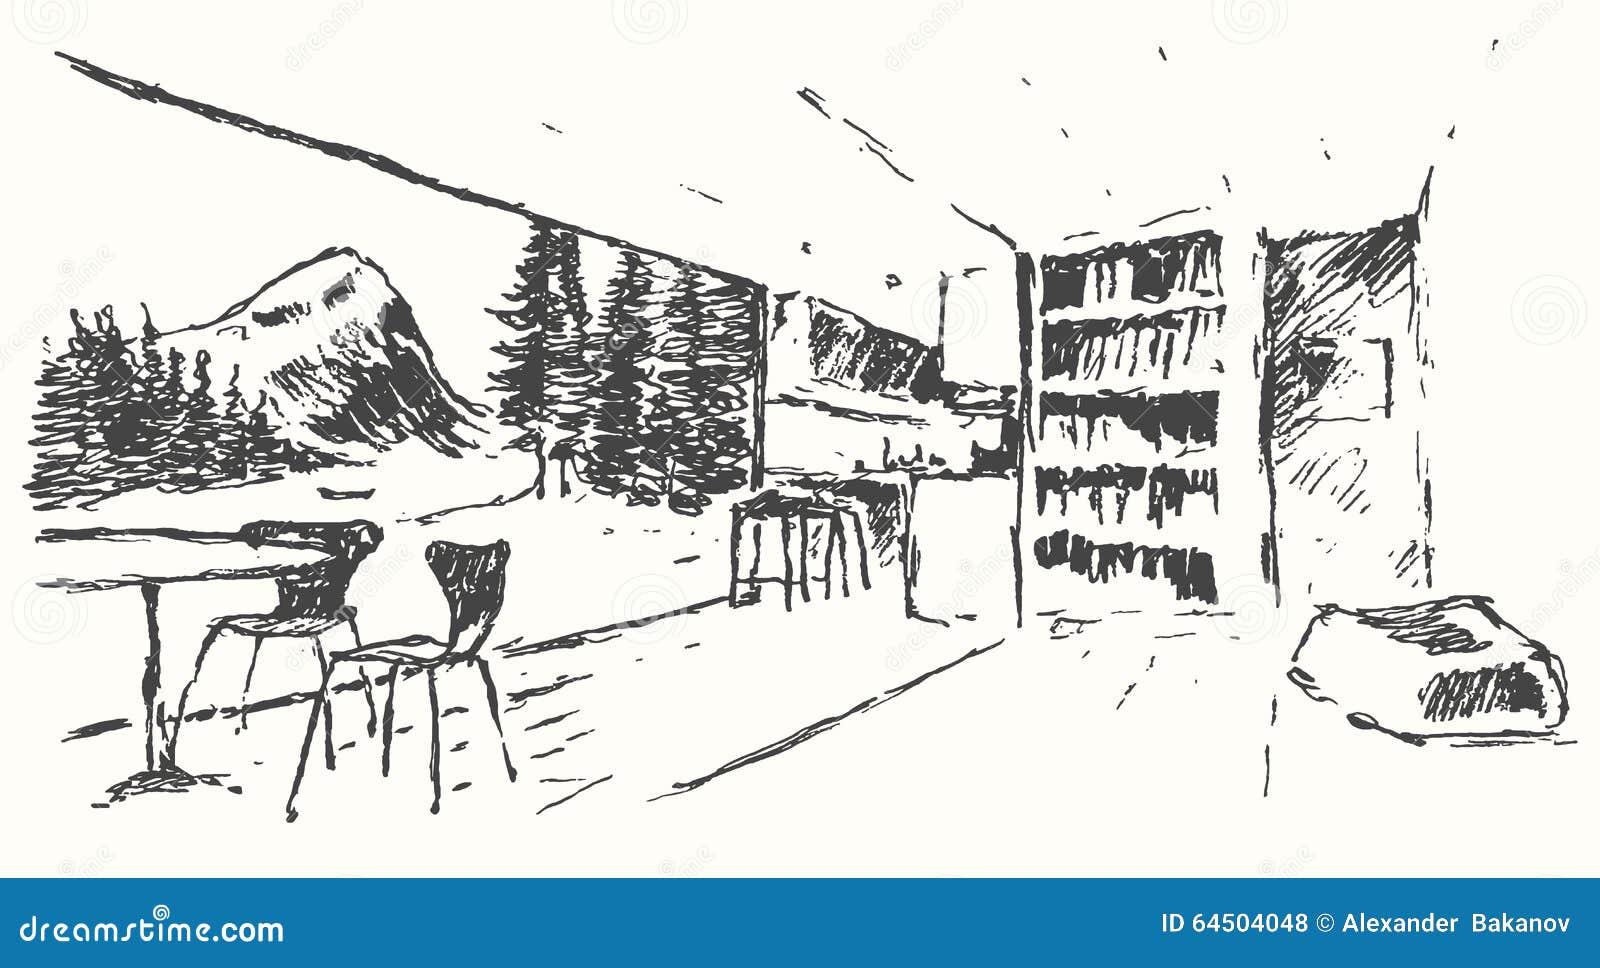 Modern bar restaurant cafe kitchen drawn sketch